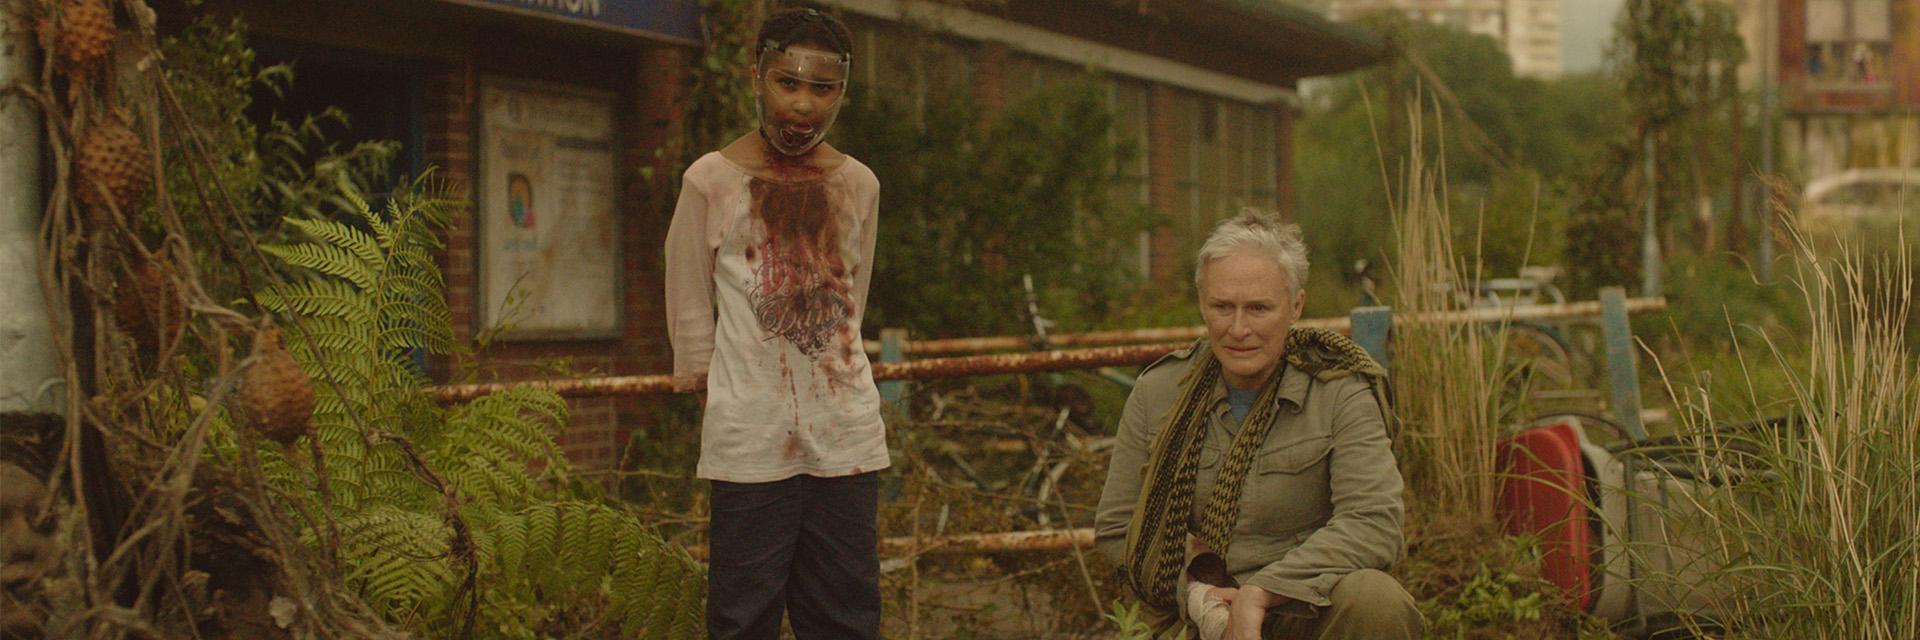 La hermana de la actriz Glenn Close hace una pequeña apariciónen la cinta, comouna zombie.